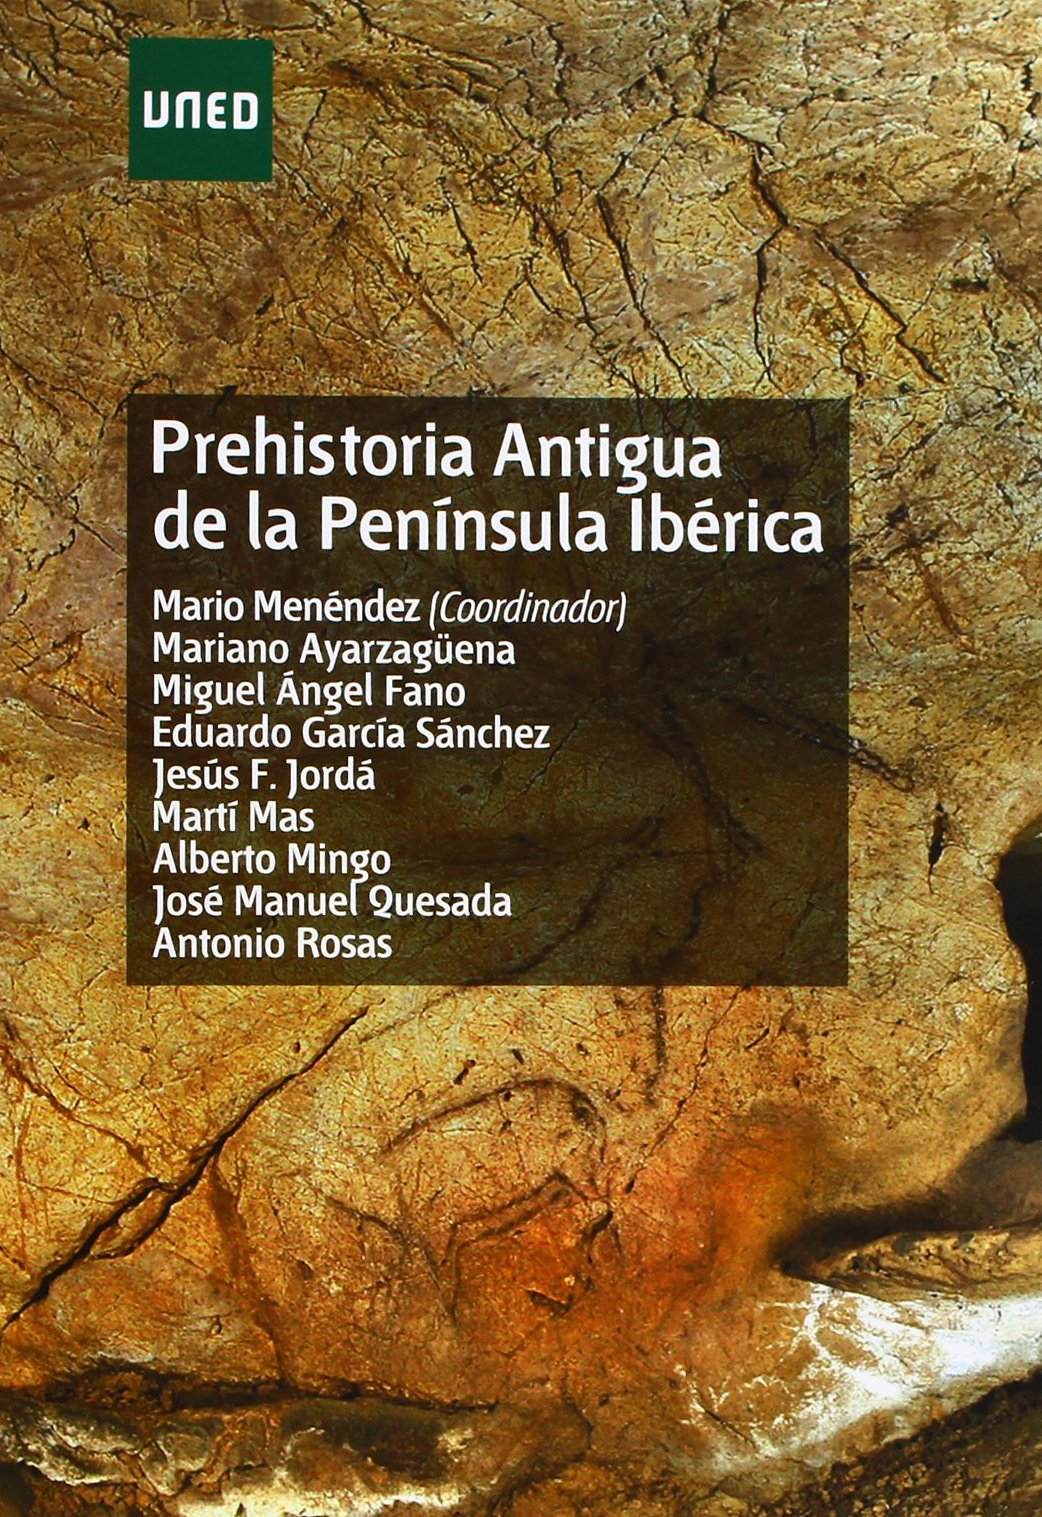 Prehistoria antigua de la península ibérica (GRADO): Amazon.es: Martín-Moreno Cerrillo, Quintina: Libros